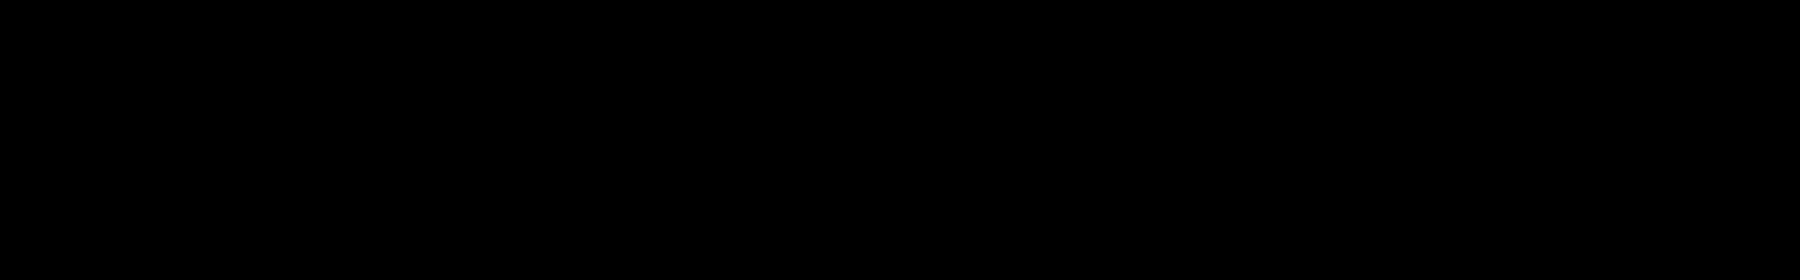 Twerkin Pop audio waveform